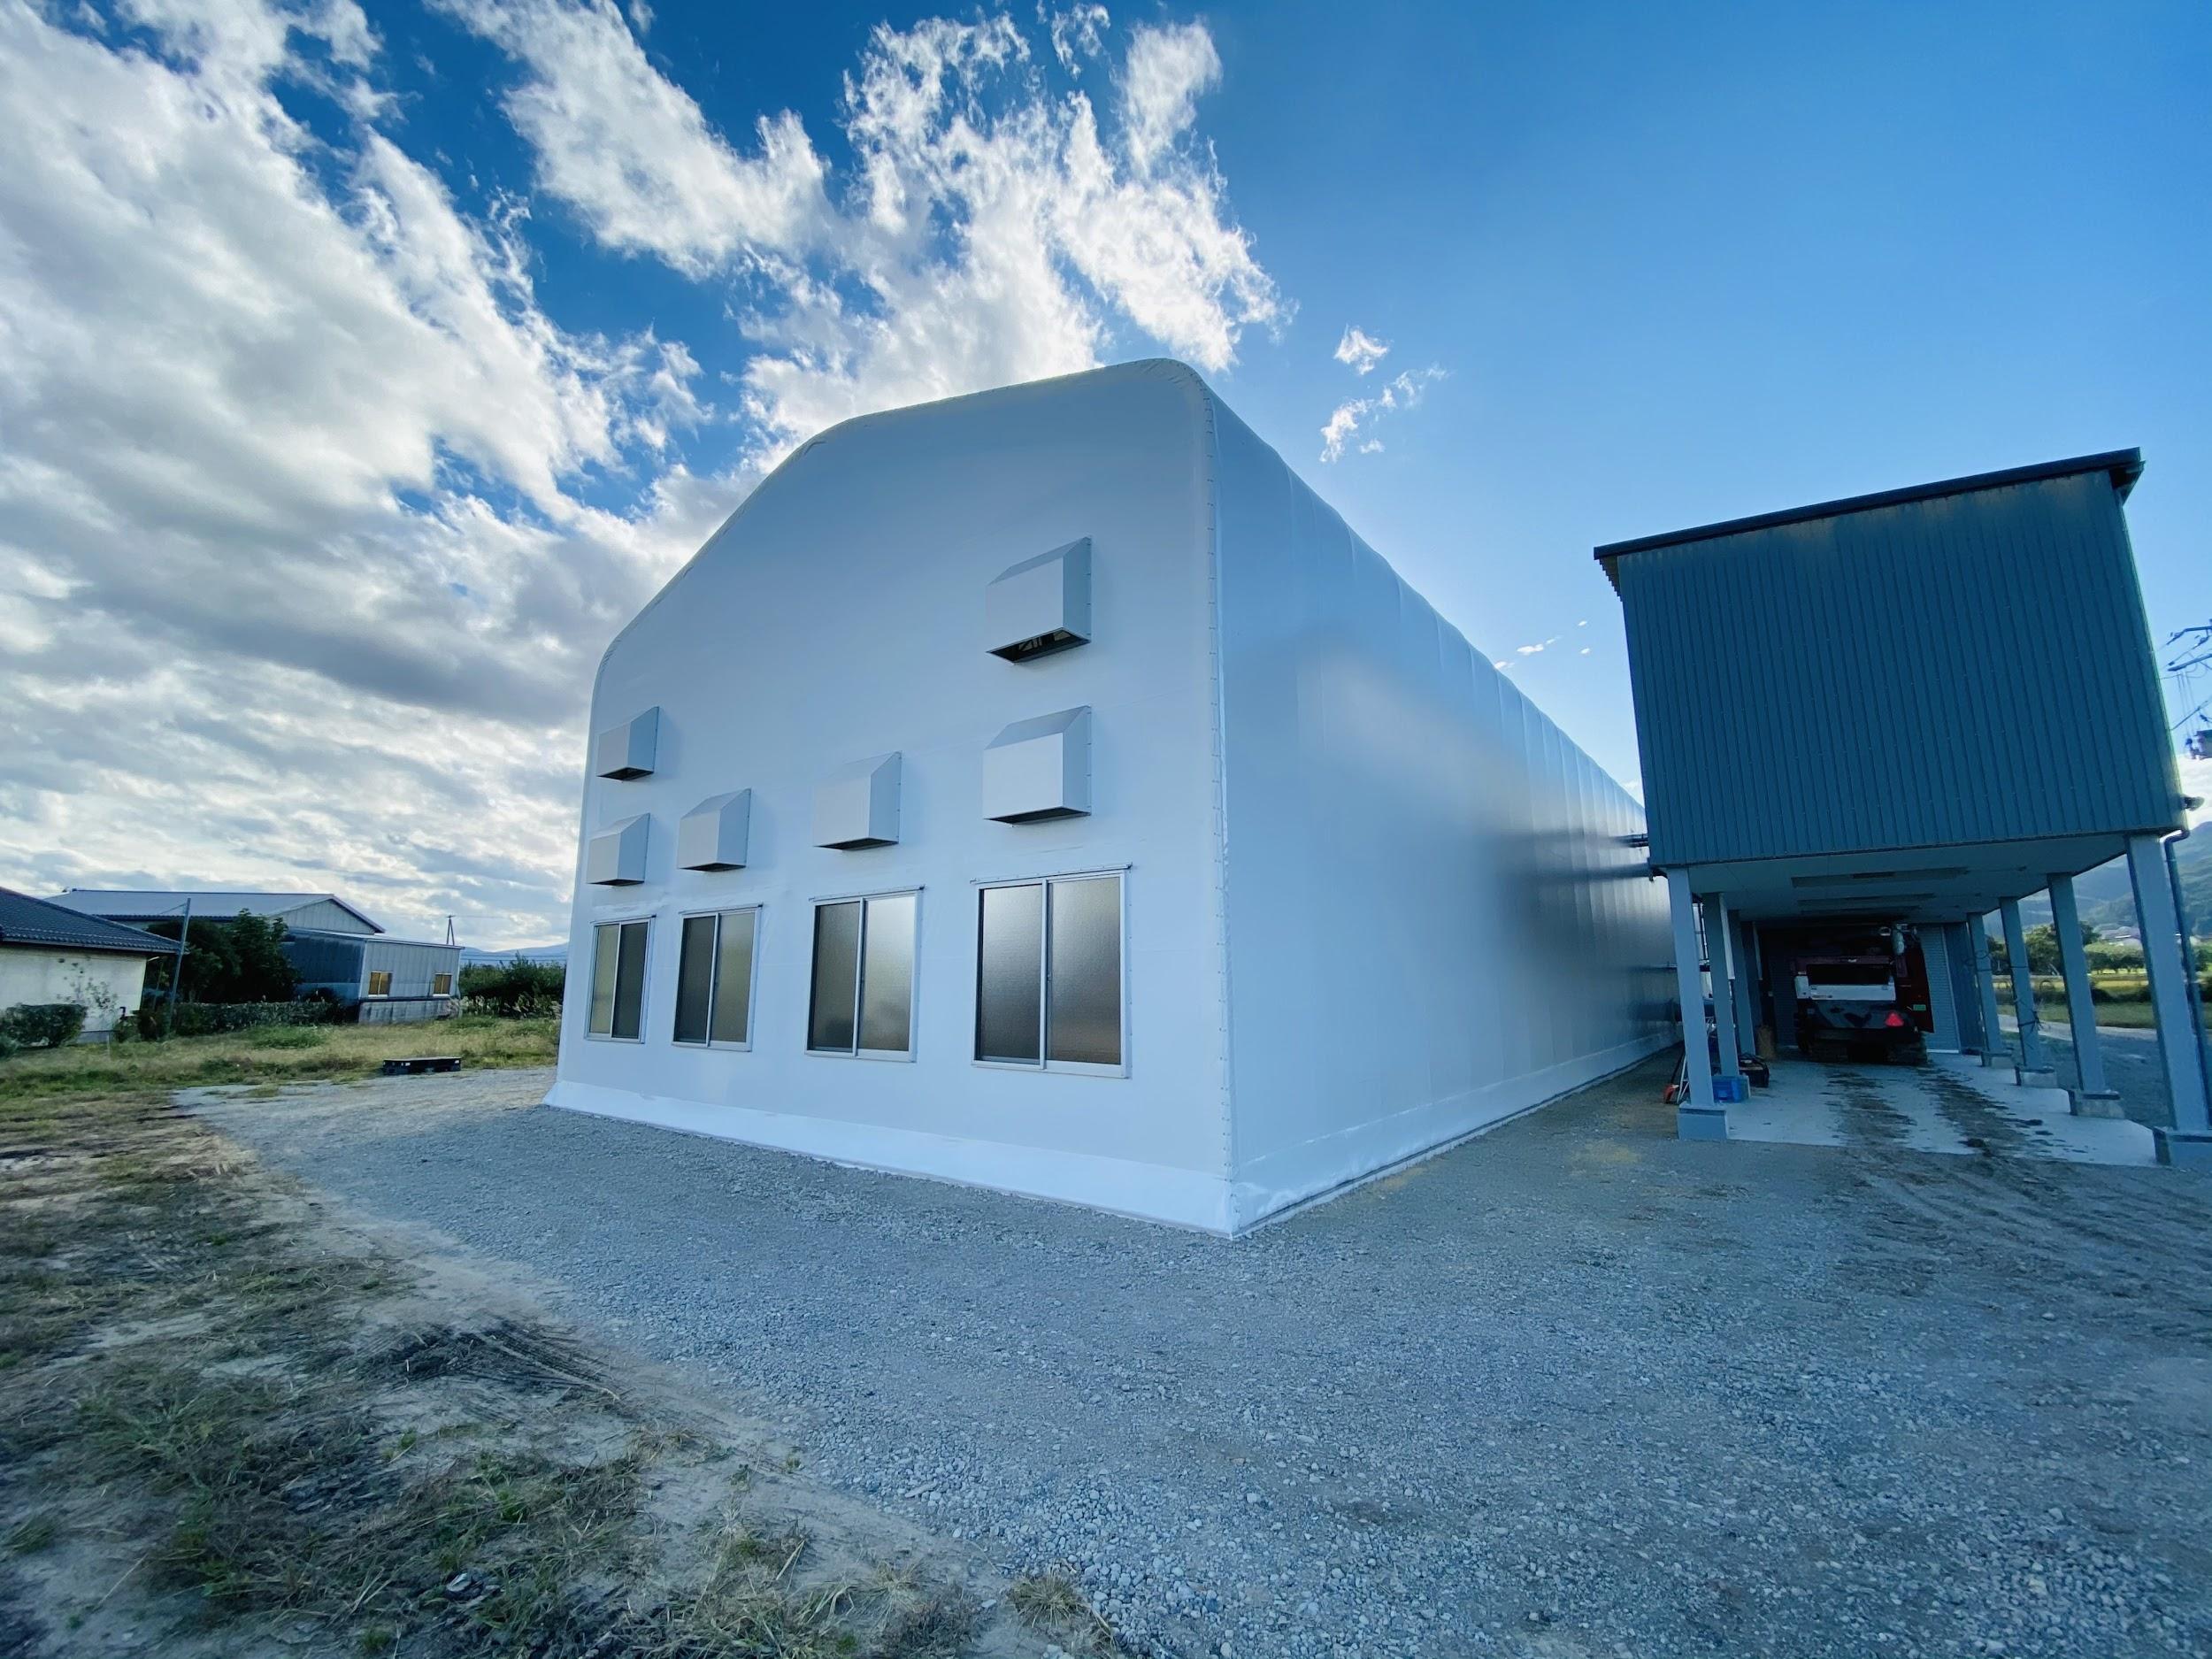 稲作農家が地域共用のライスセンターに活用!補助金を利用した「テント倉庫」導入事例│ 導入企業様インタビュー